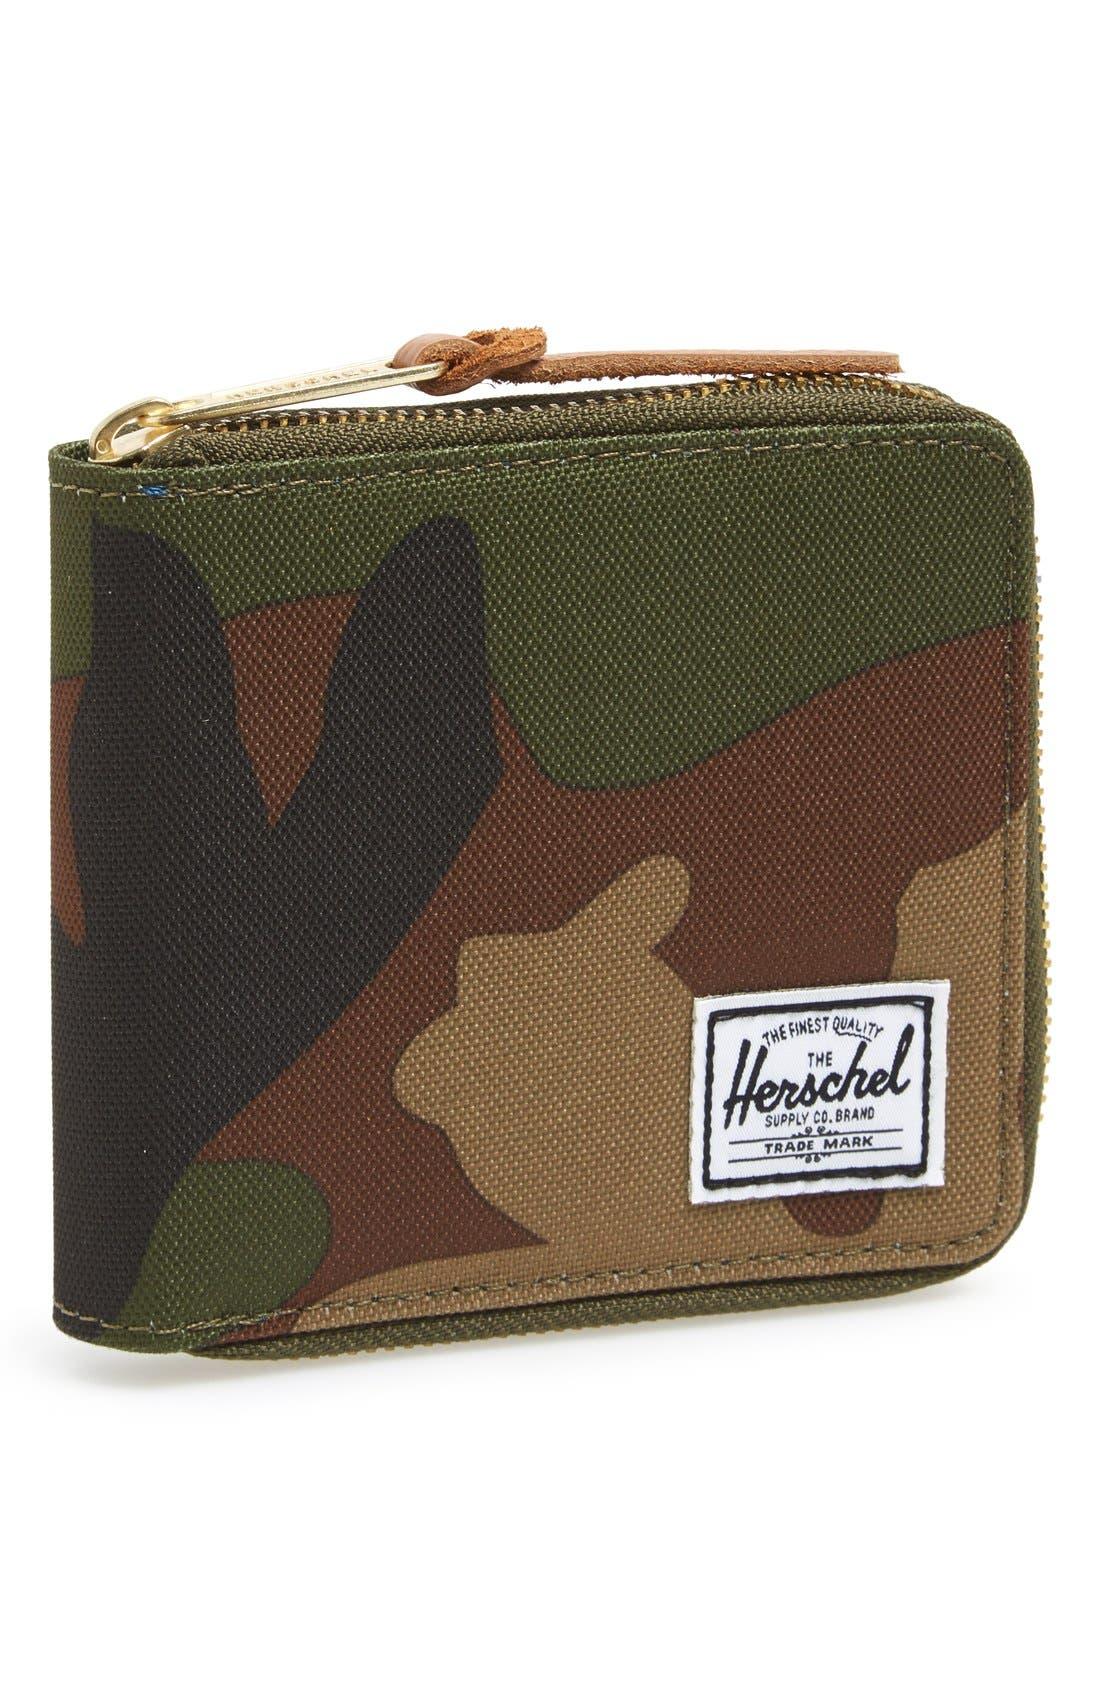 Alternate Image 1 Selected - Herschel Supply Co. 'Walt' Zip Wallet